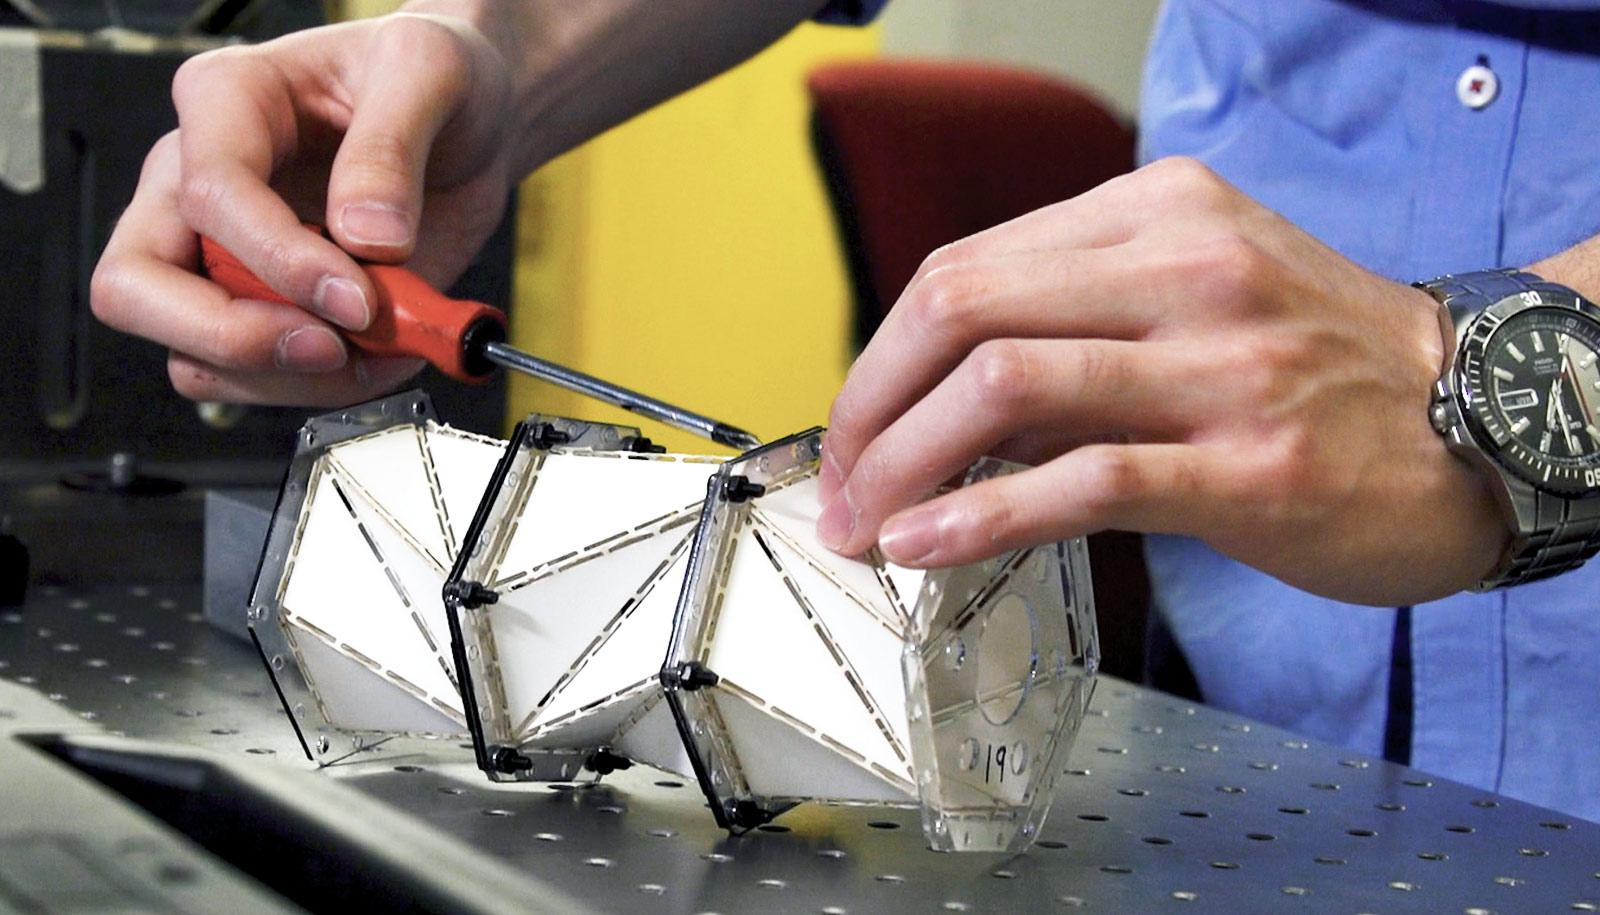 origami metamaterial prototype